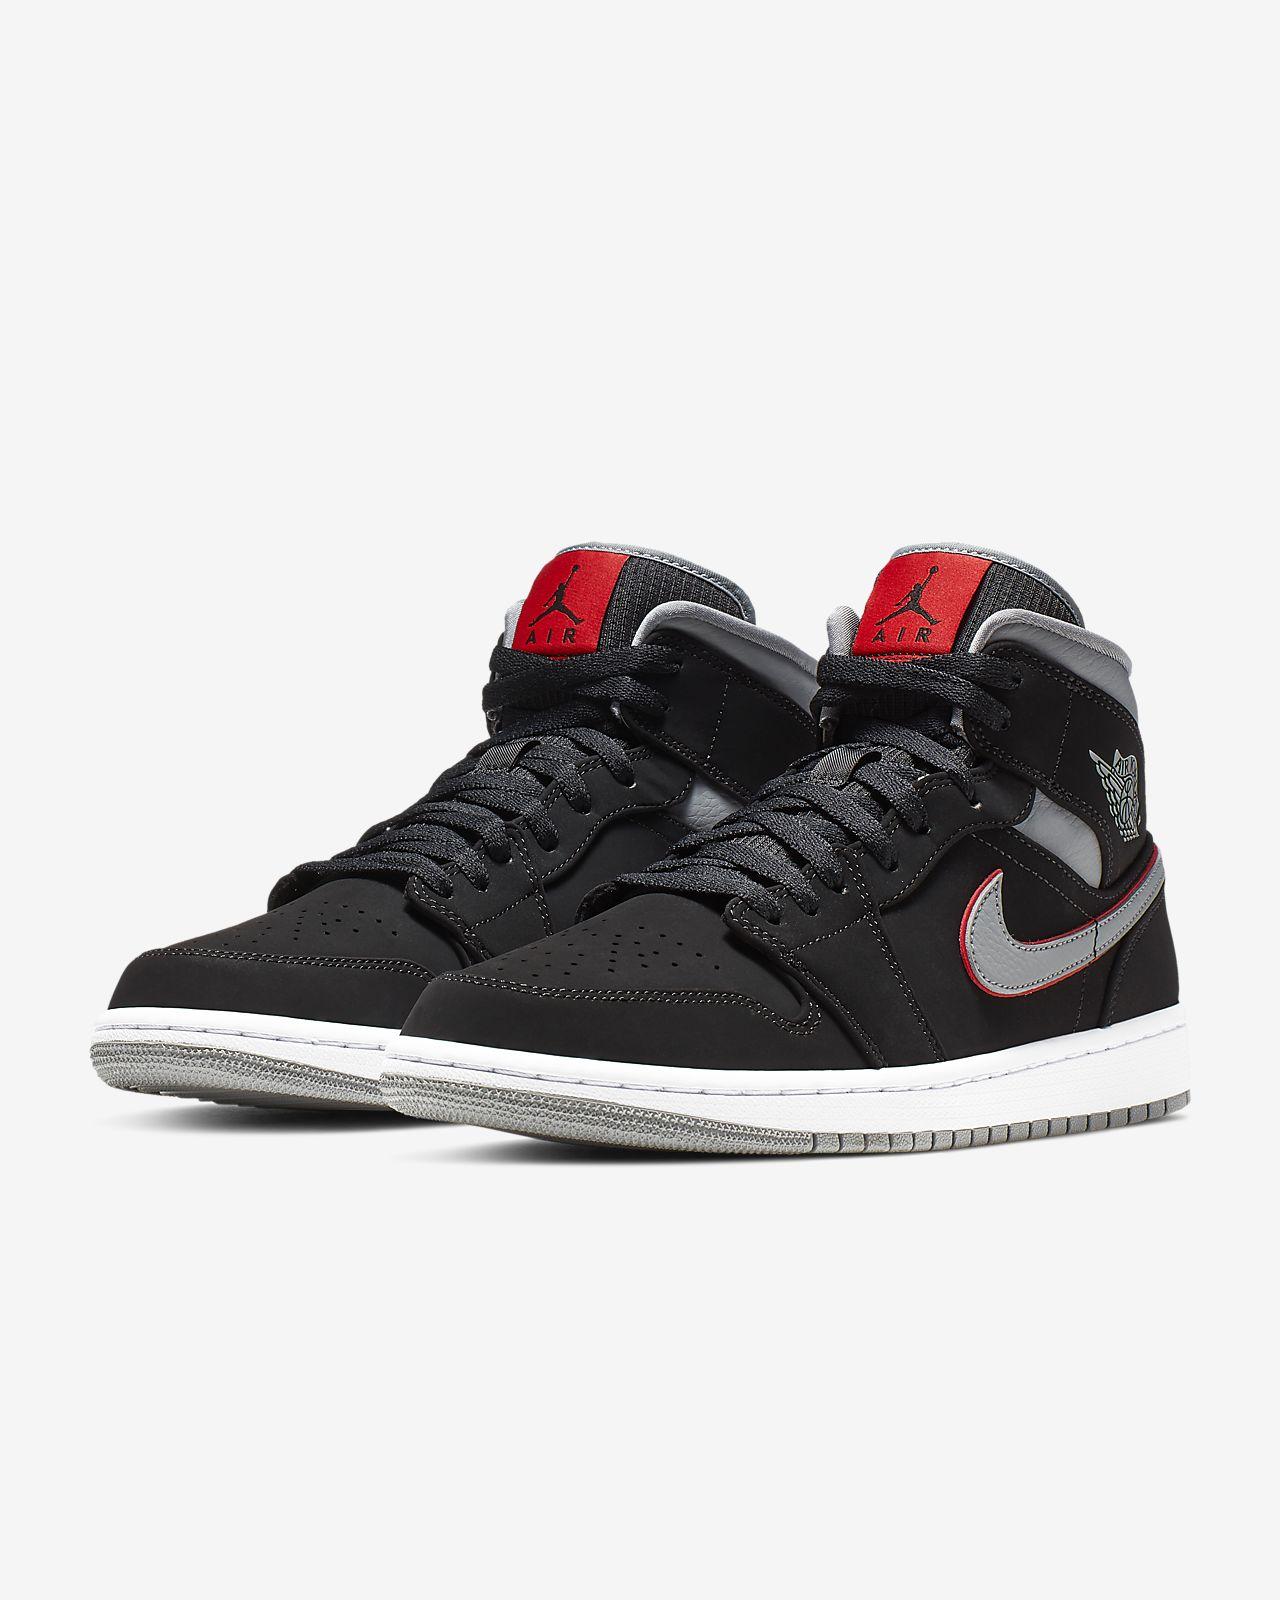 0ad31a5a308d1 Air Jordan 1 Mid Zapatillas - Hombre. Nike.com ES